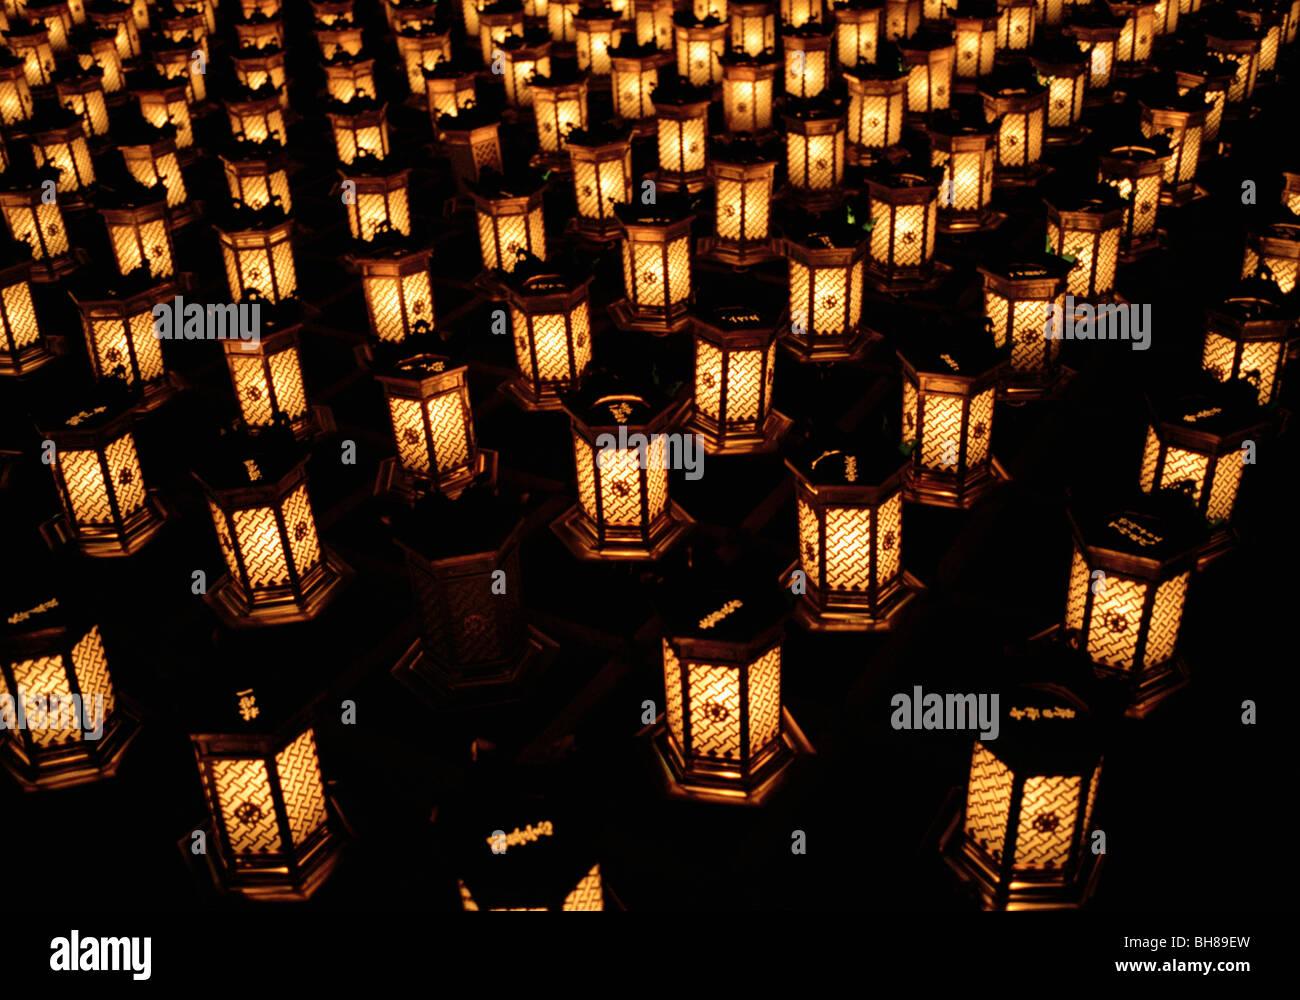 Linternas iluminadas dispuestas en filas, Miyajima, Japón Imagen De Stock